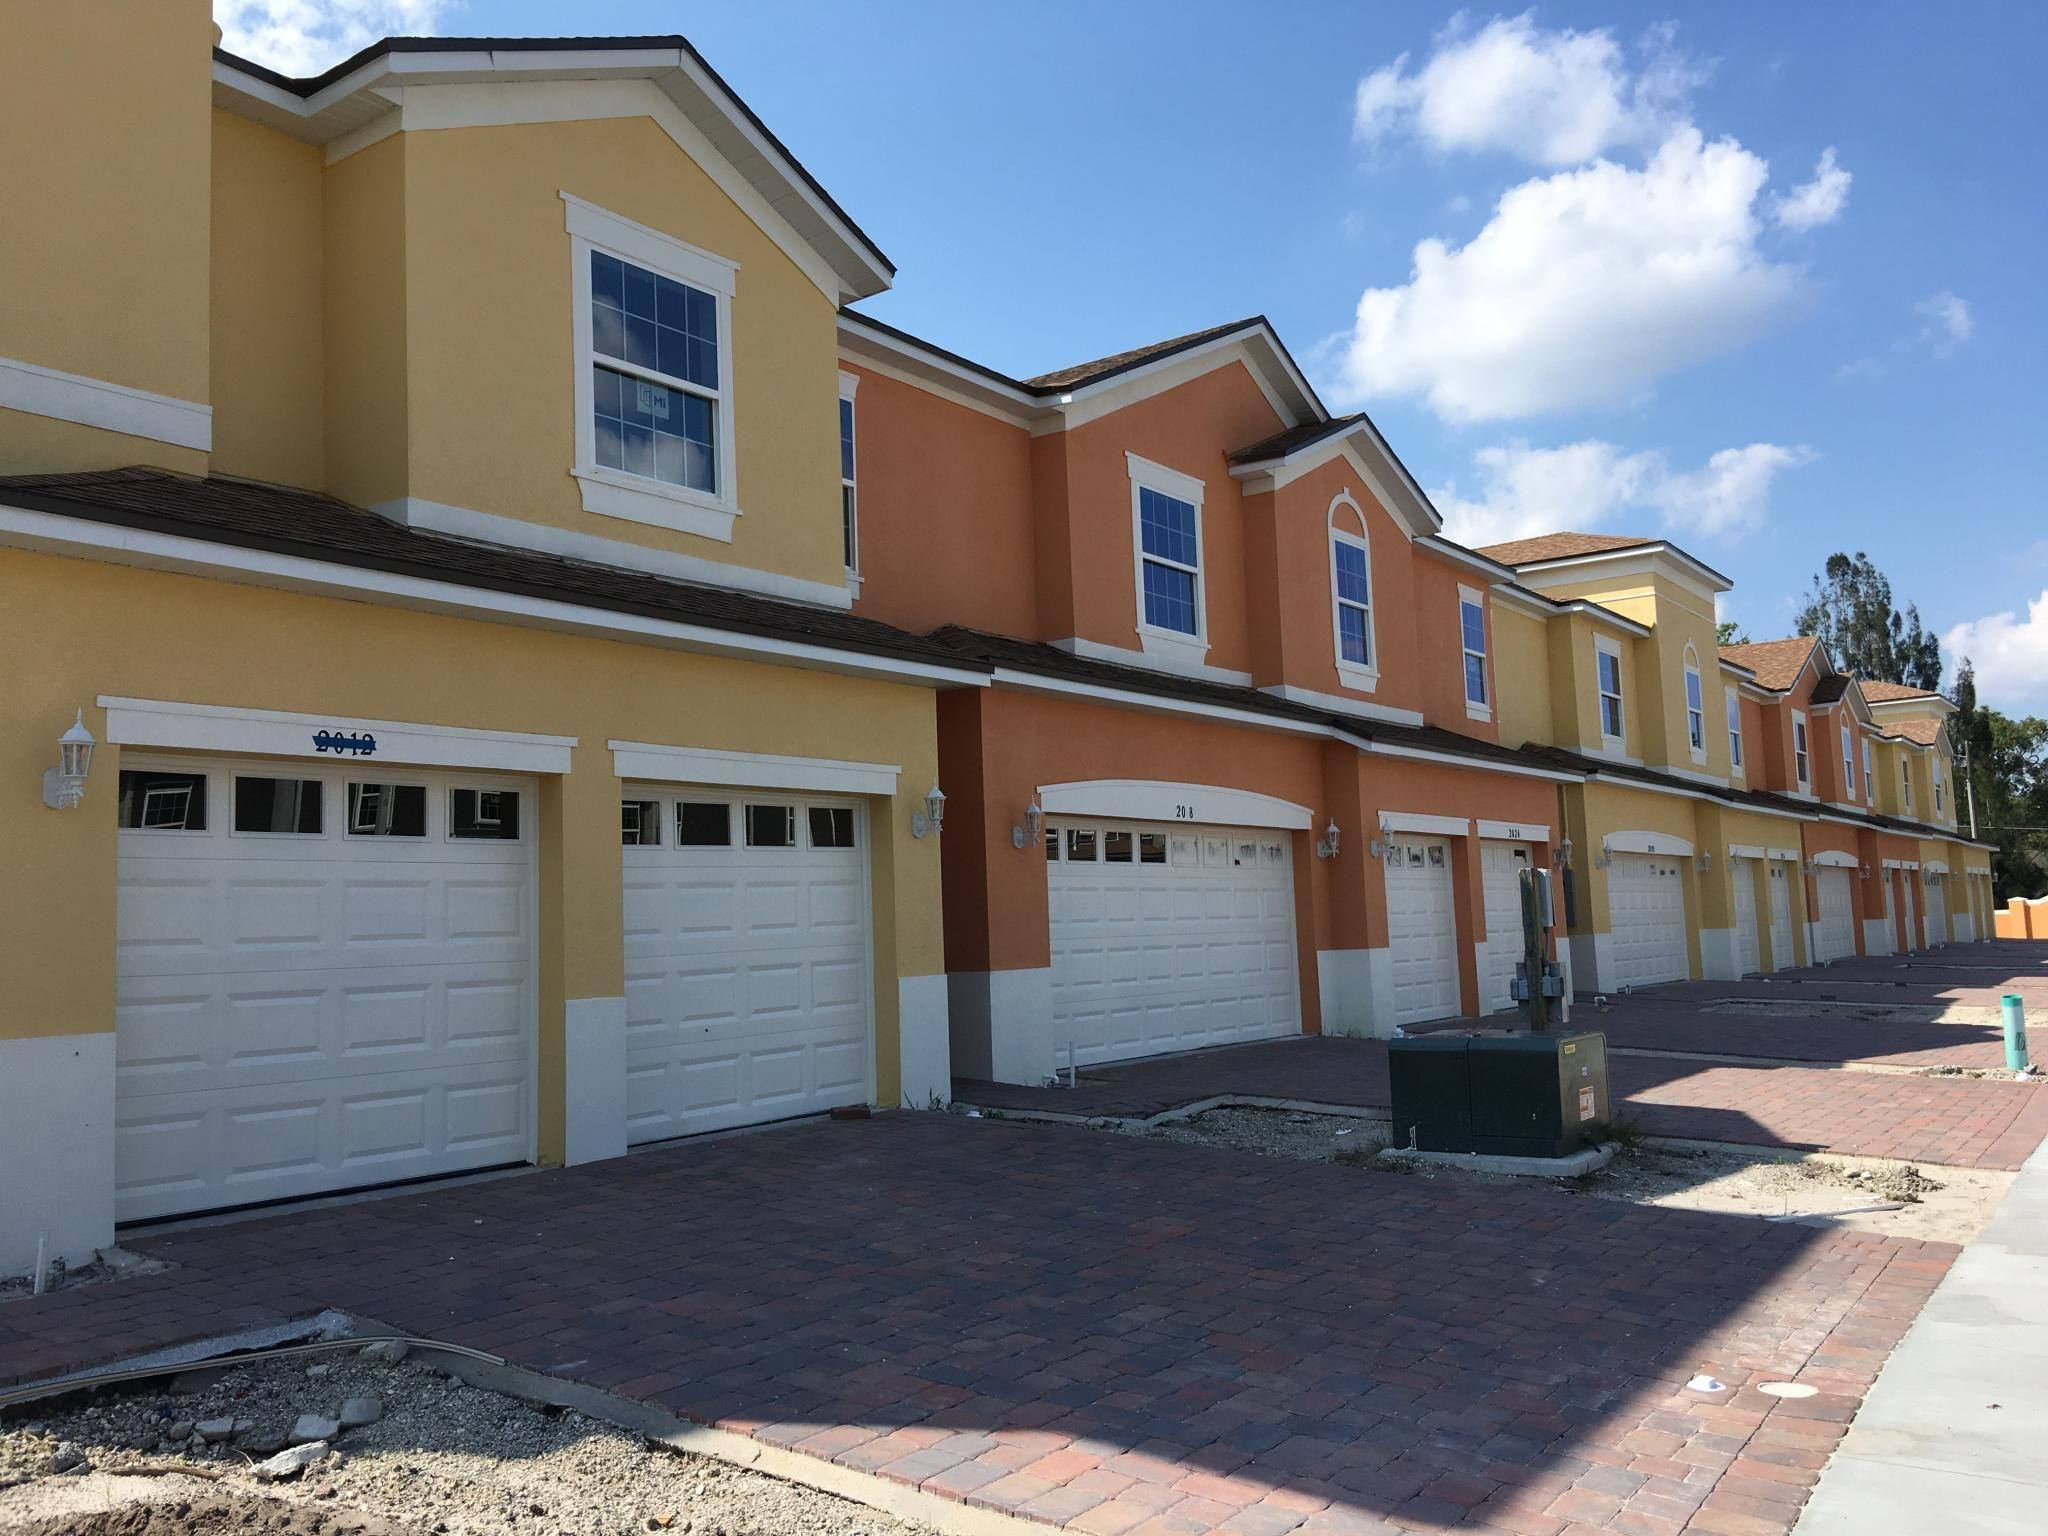 10206 Union Park Dr Orlando FL